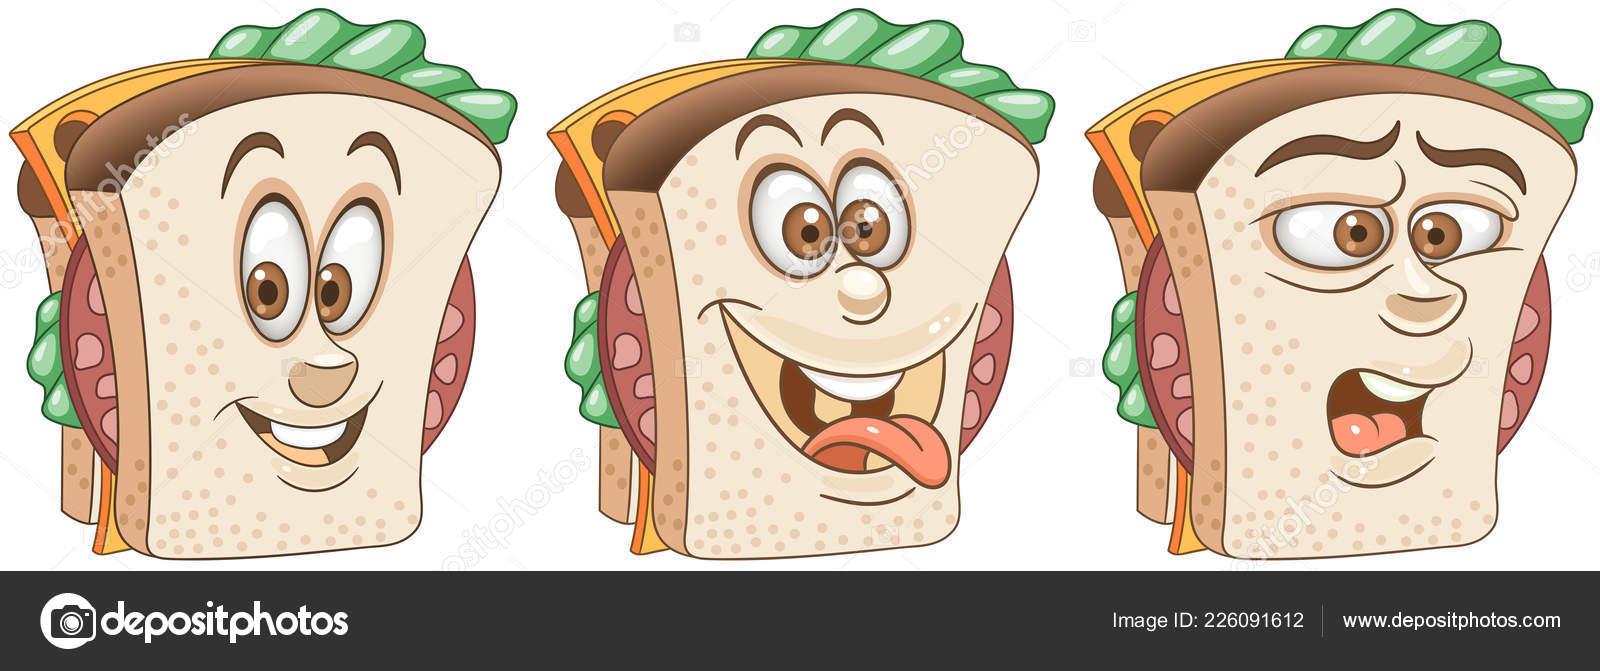 Sandwich concetto cibo snack collezione emoji emoticon personaggi